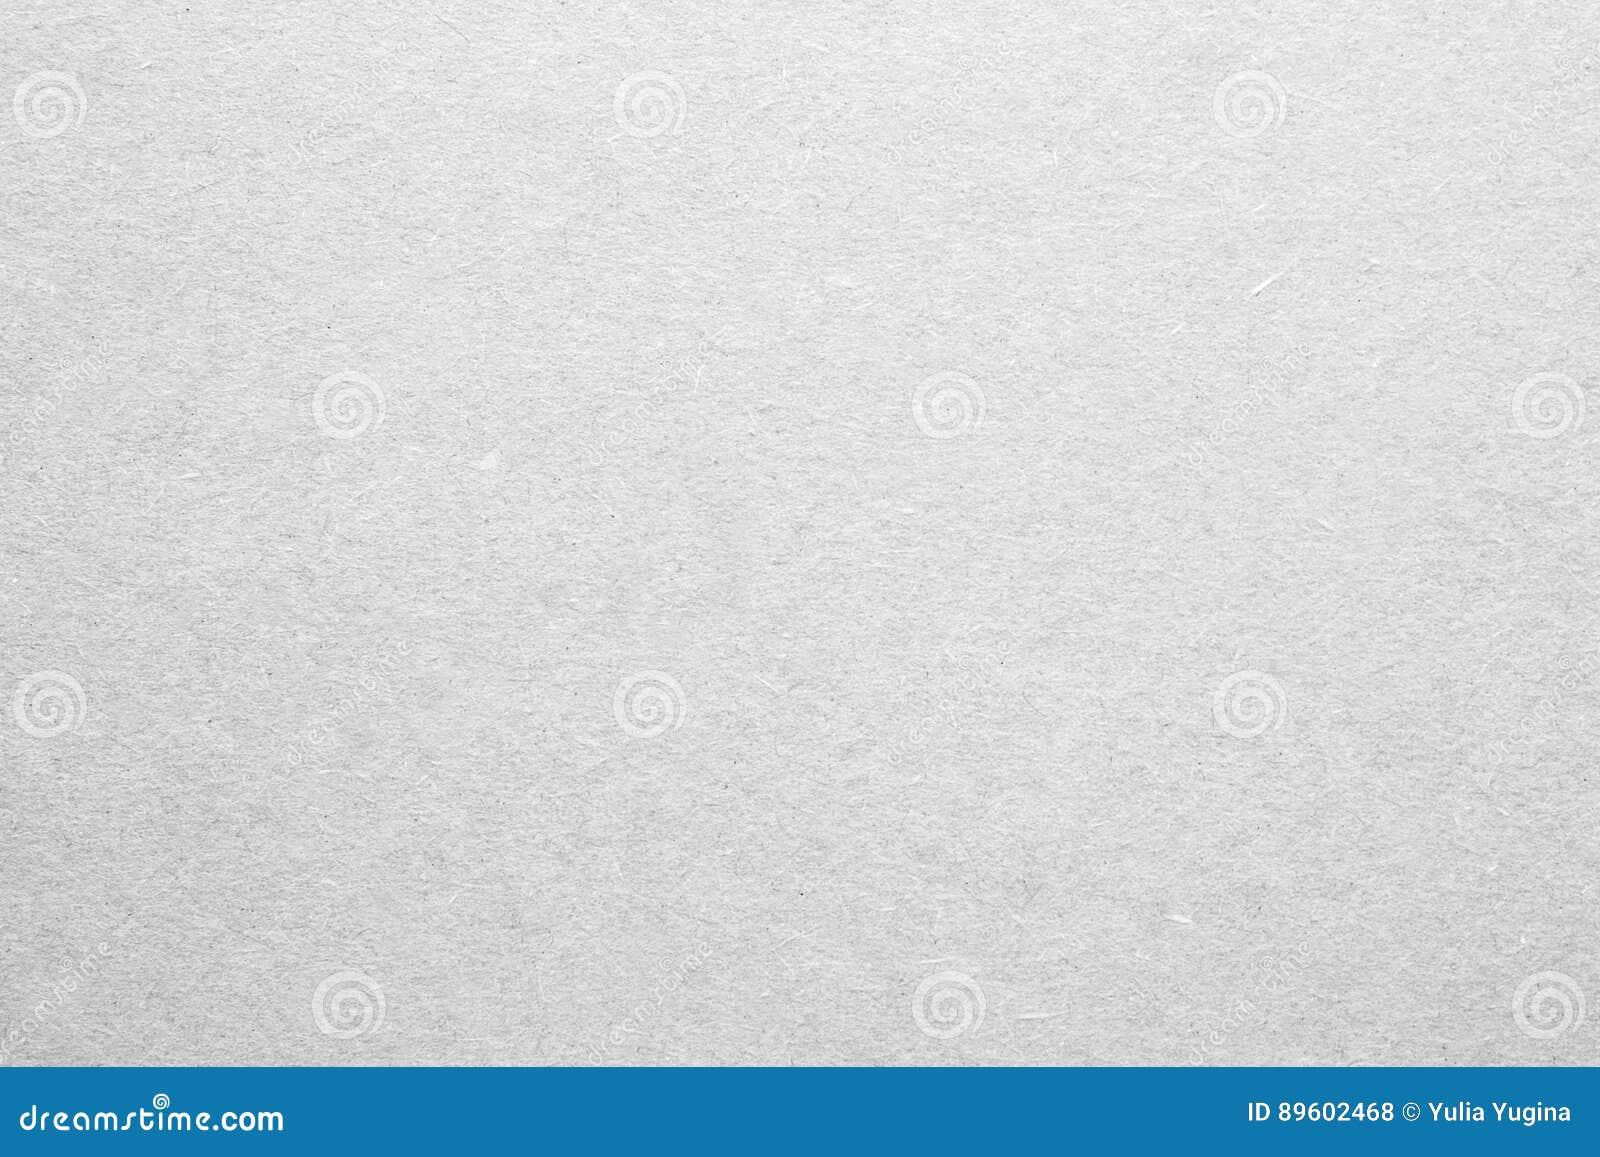 Leeg blad van document of triplex in witte kleur